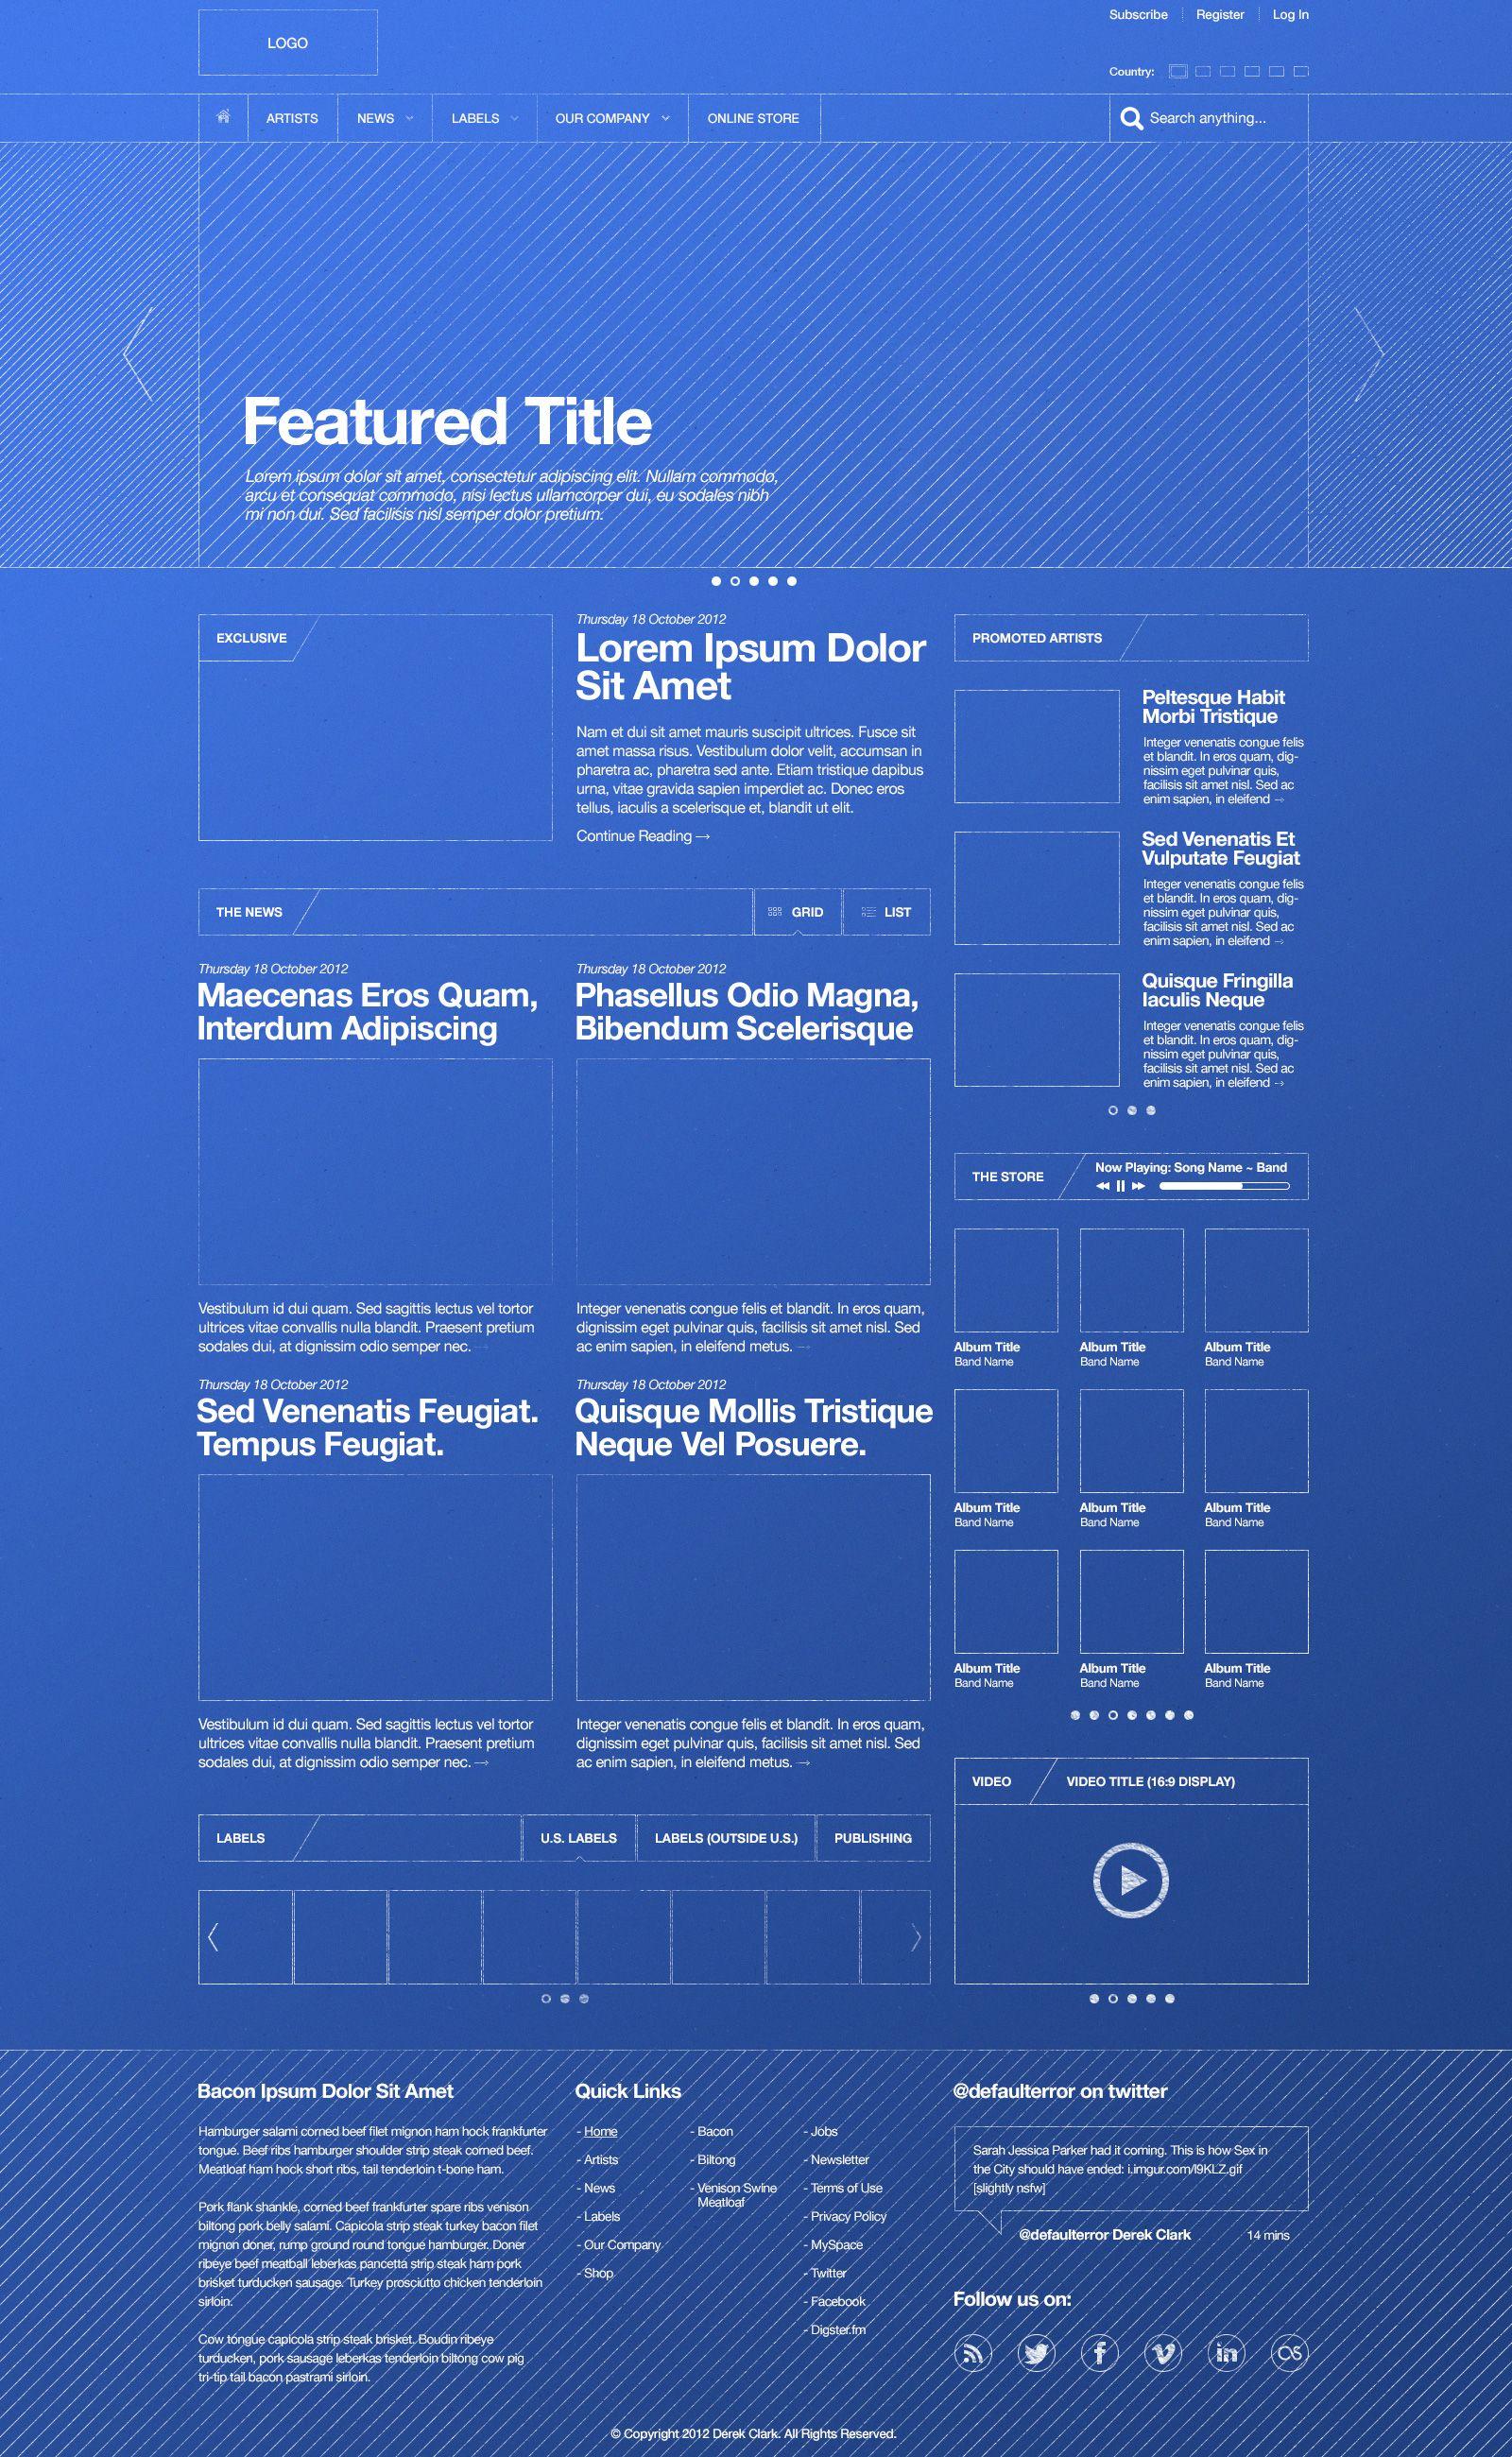 Blueprint themed wireframe designer derek clark ux ui blueprint themed wireframe designer derek clark malvernweather Image collections